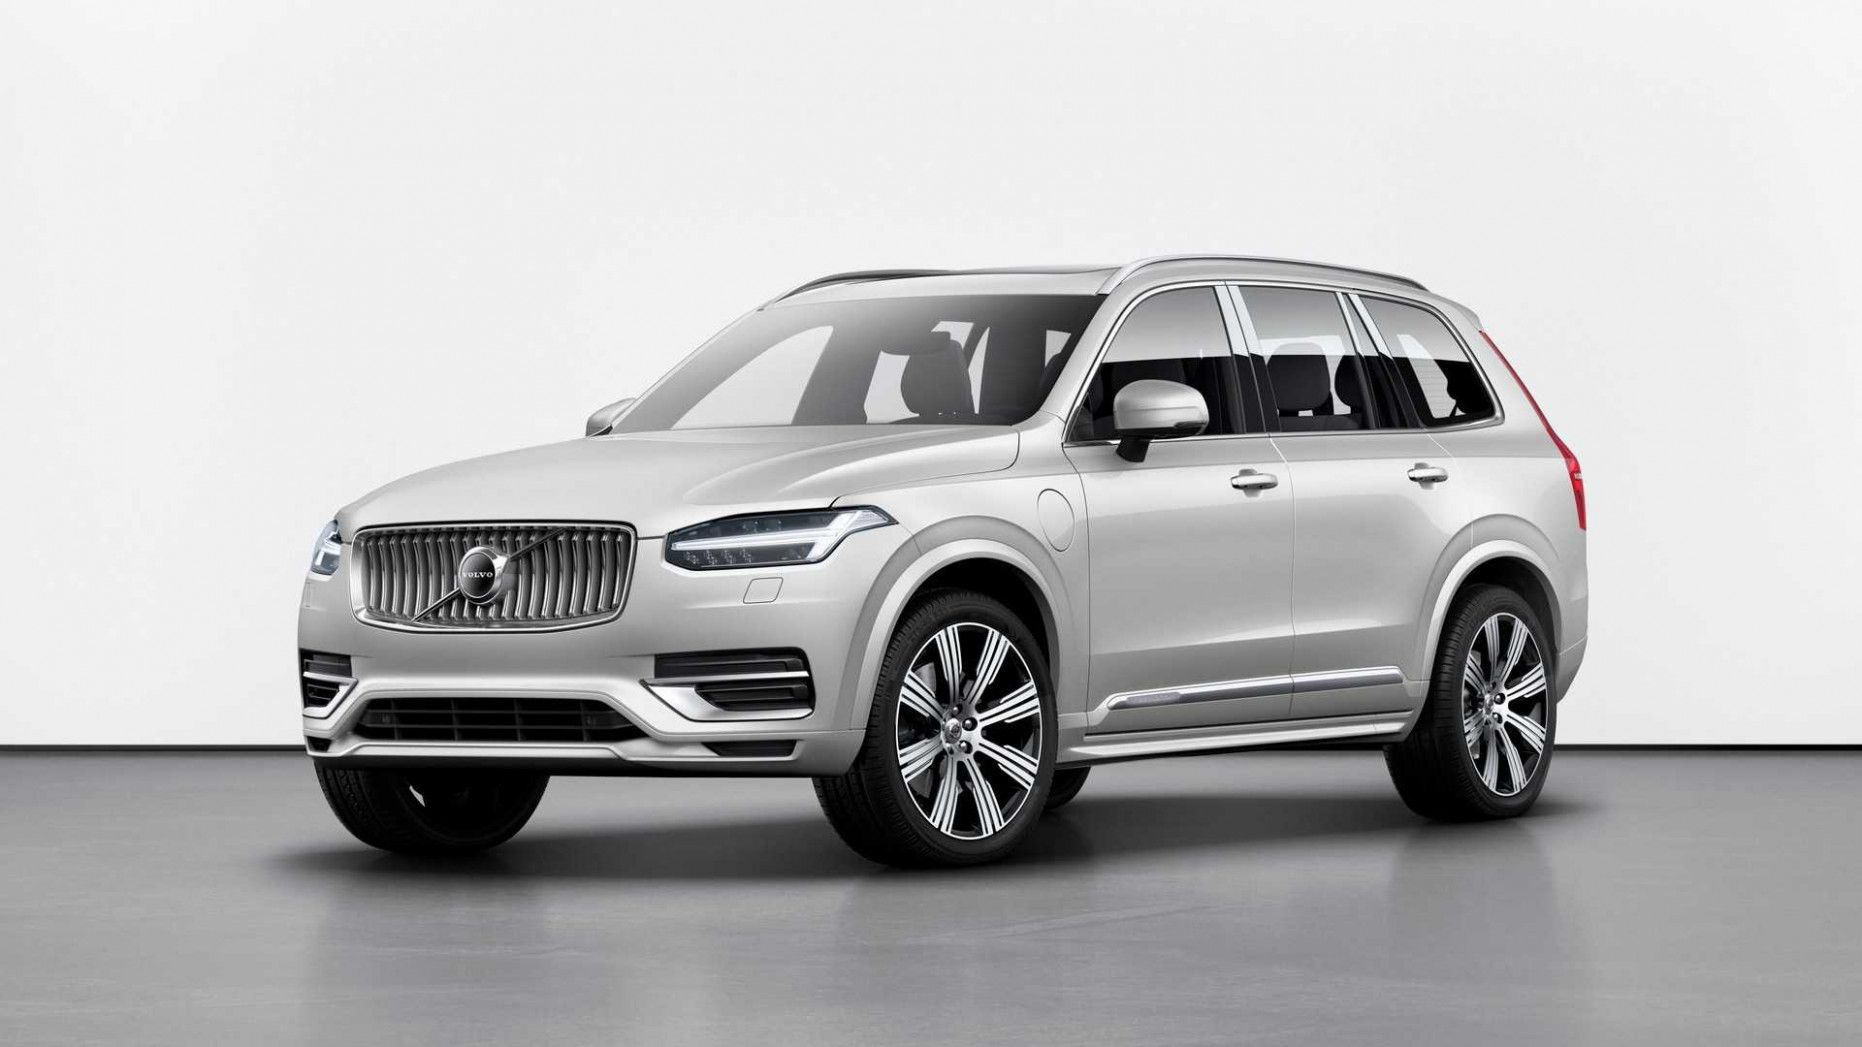 2020 Volvo Xc90 T8 In 2020 Volvo Xc90 Volvo Suv Volvo